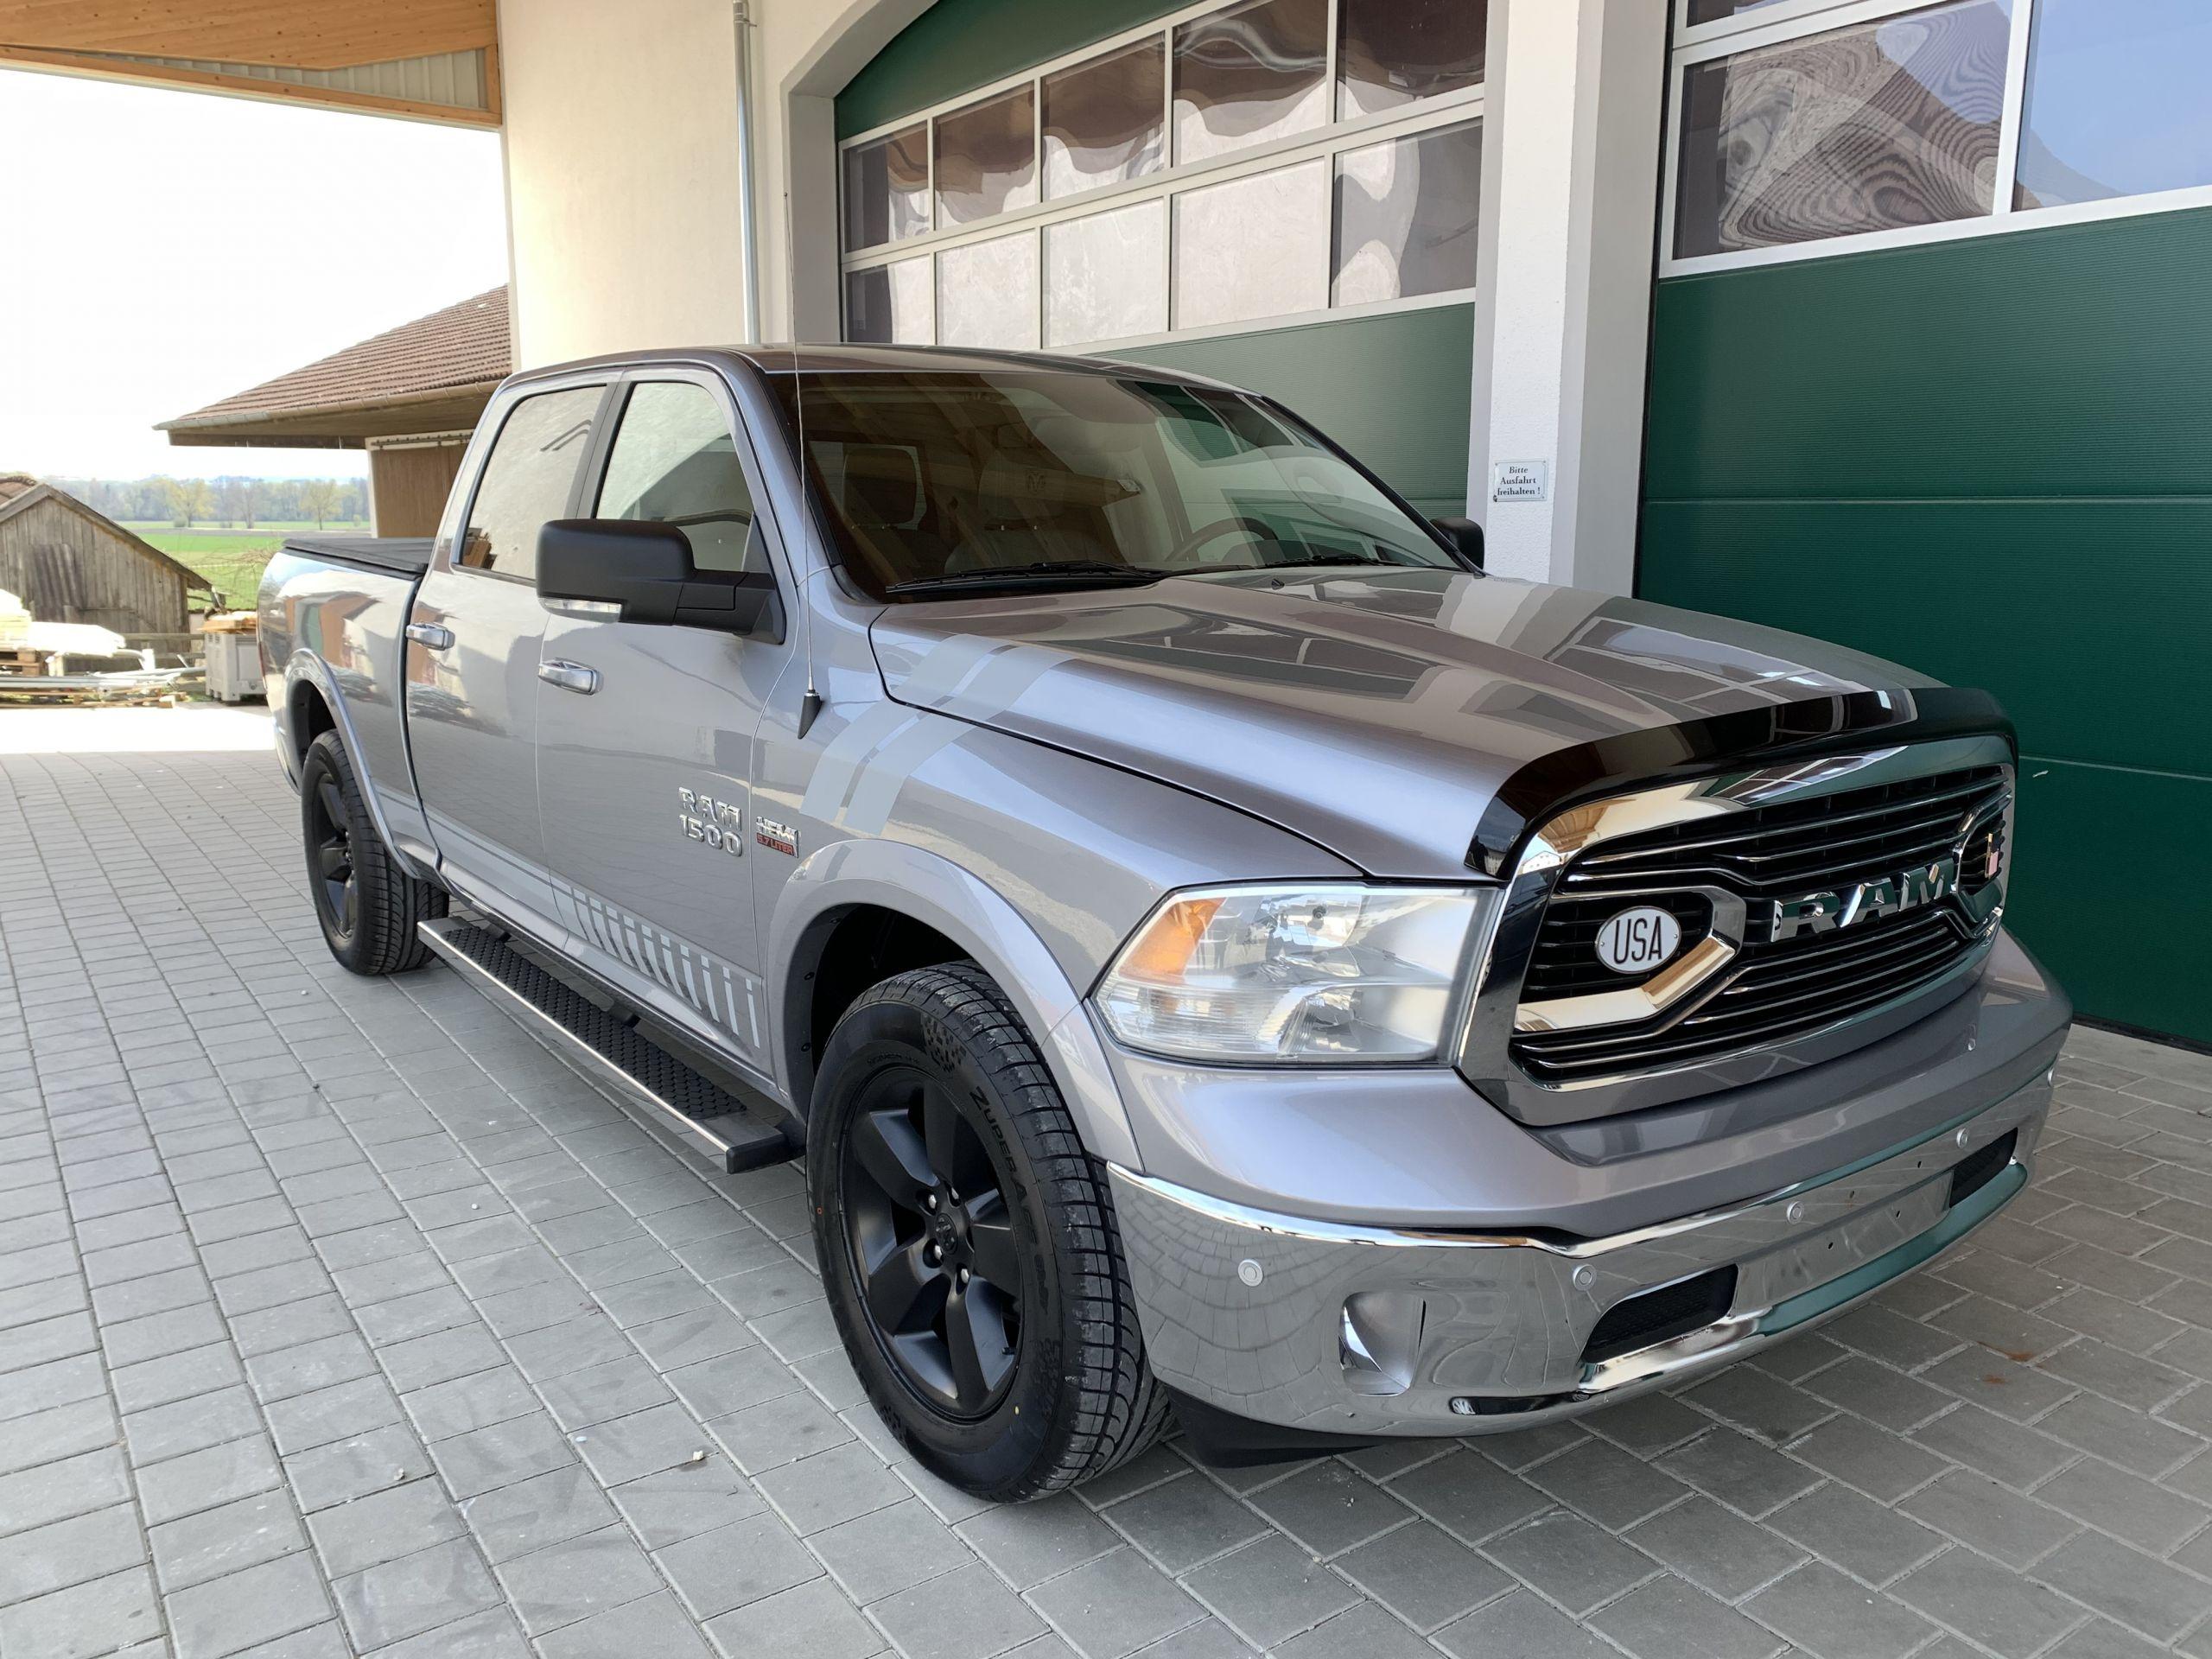 Gebraucht 2019 Silber Dodge Ram SLT 1500 zu Verkaufen Osterreich